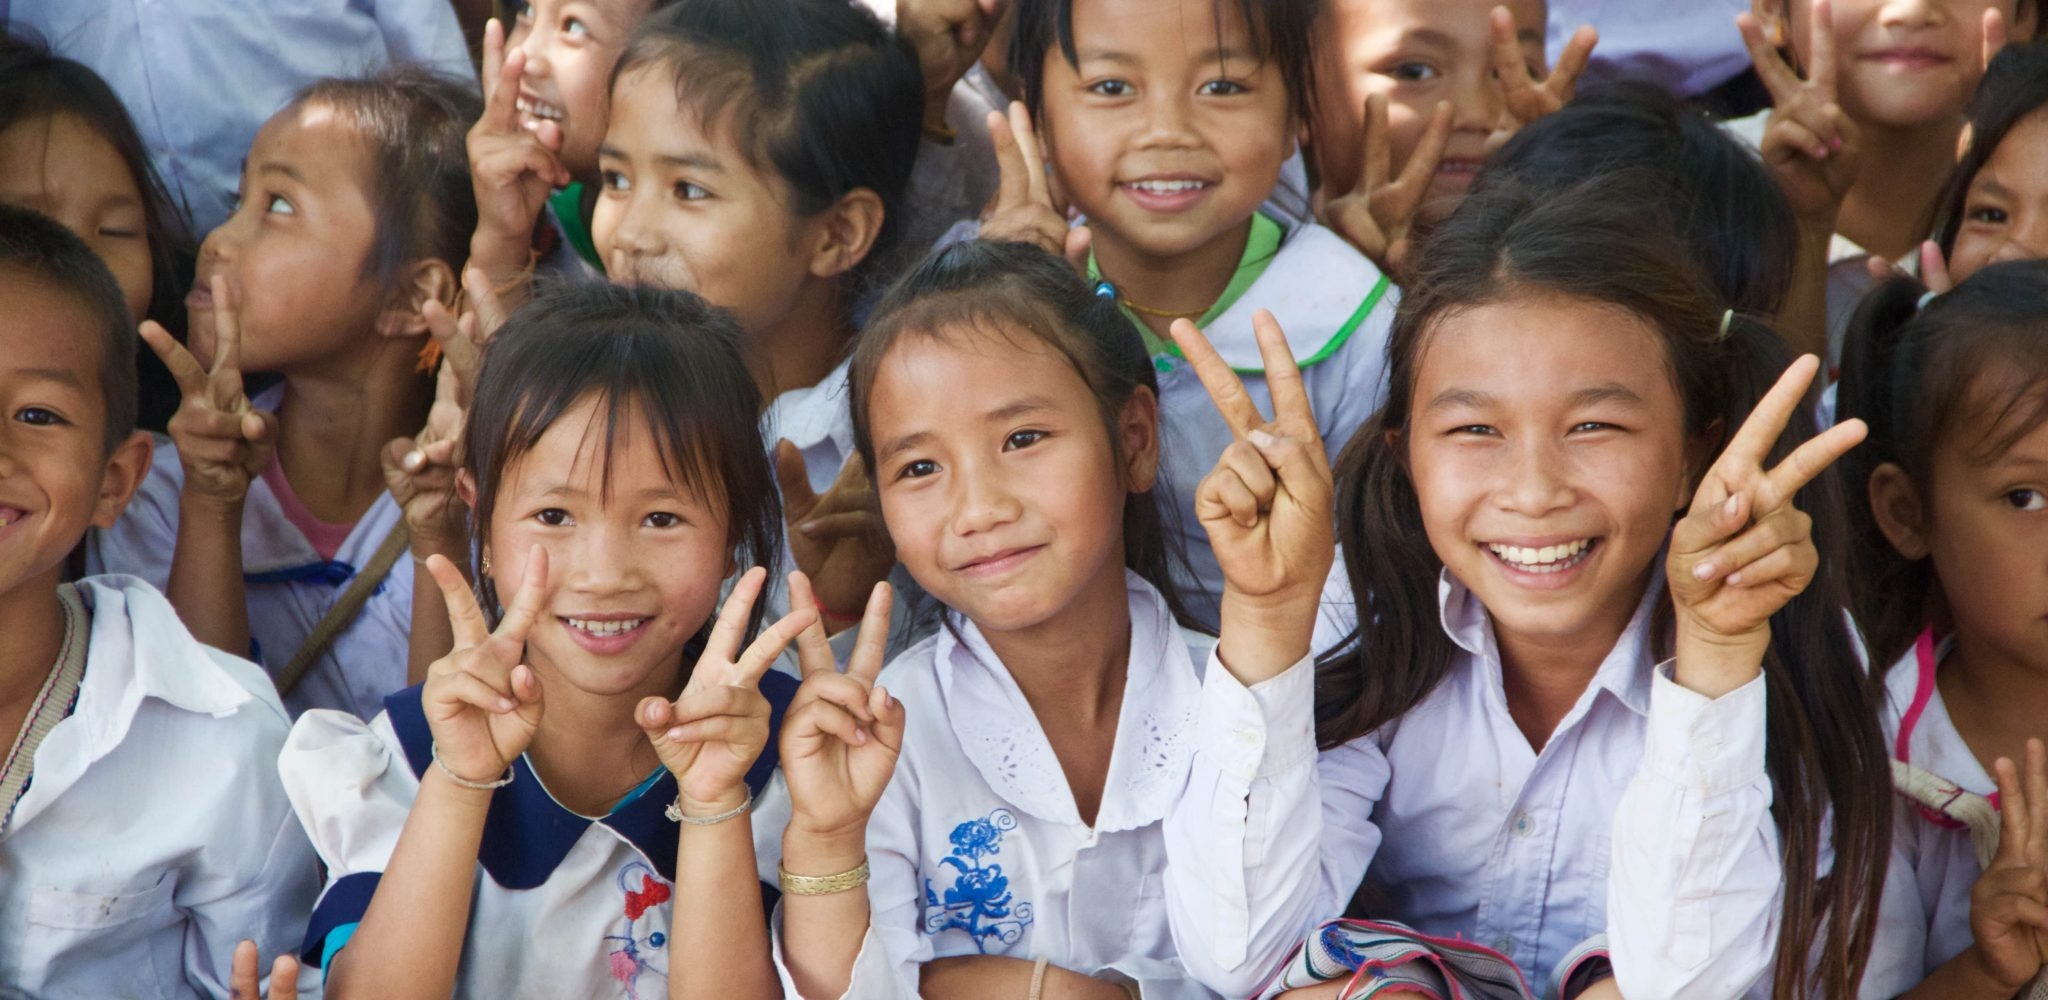 Pourquoi faire un don pou Enfants d'Asie